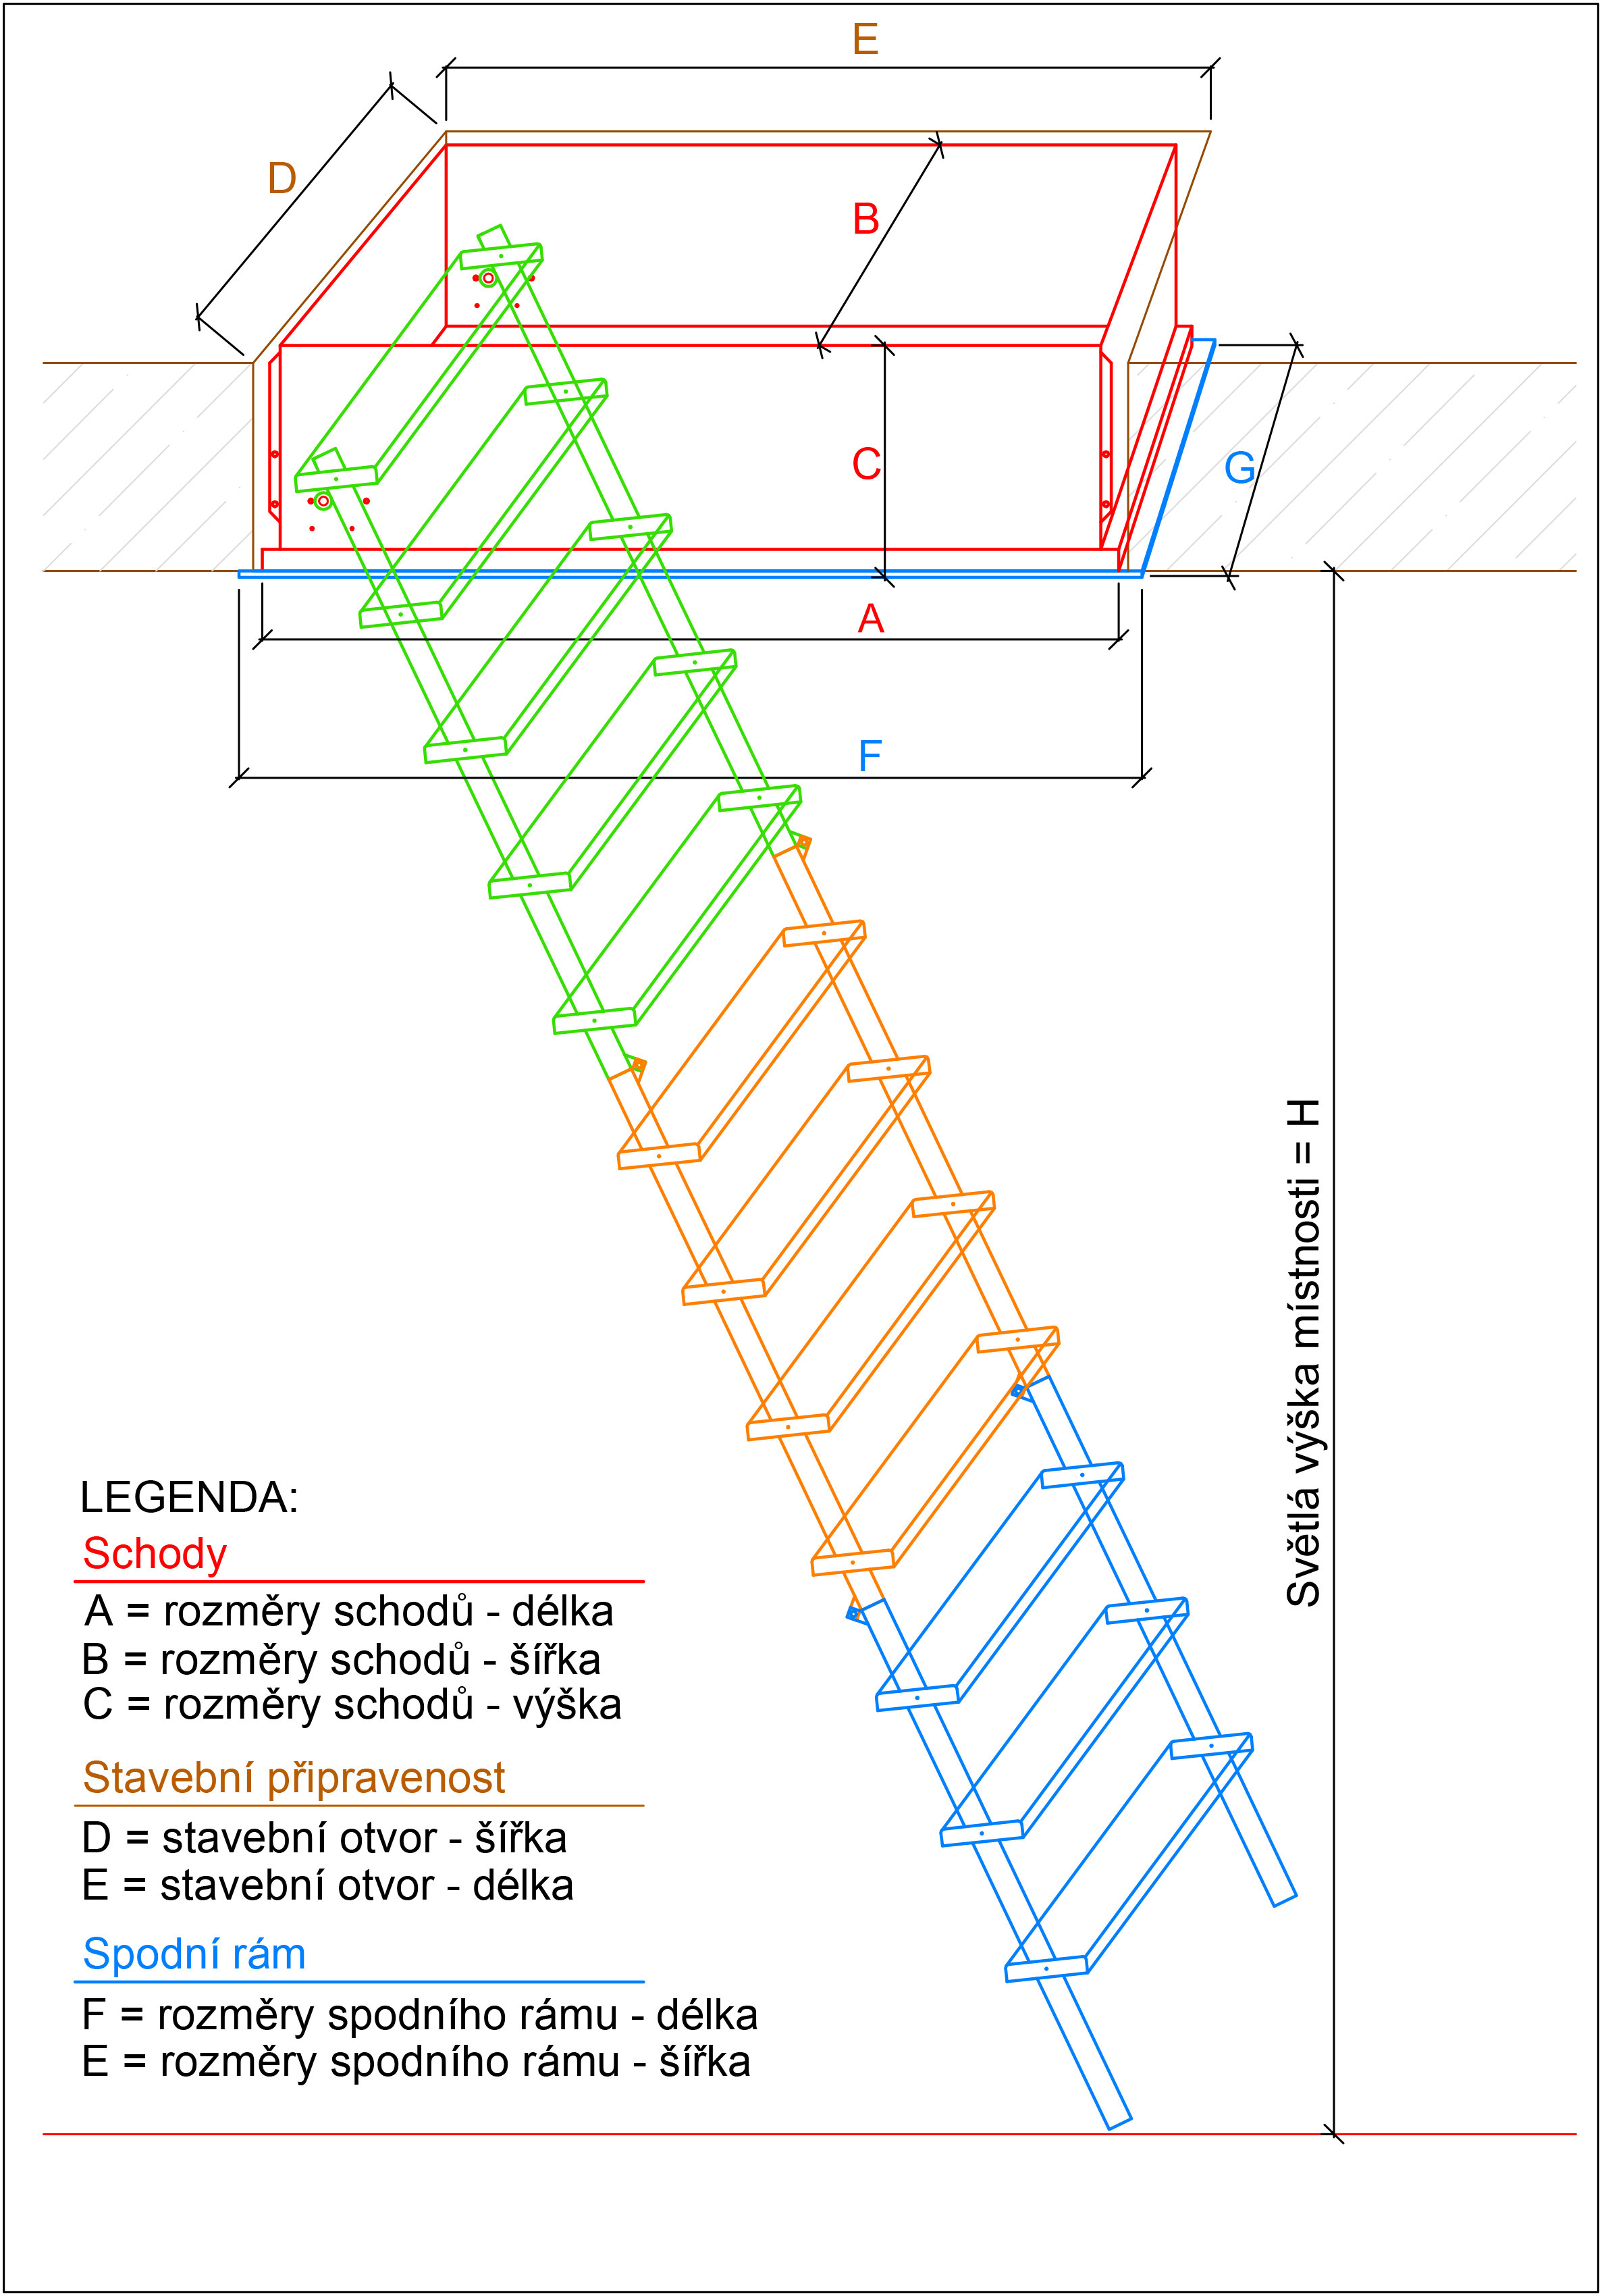 Rozpis rozměrů schodů